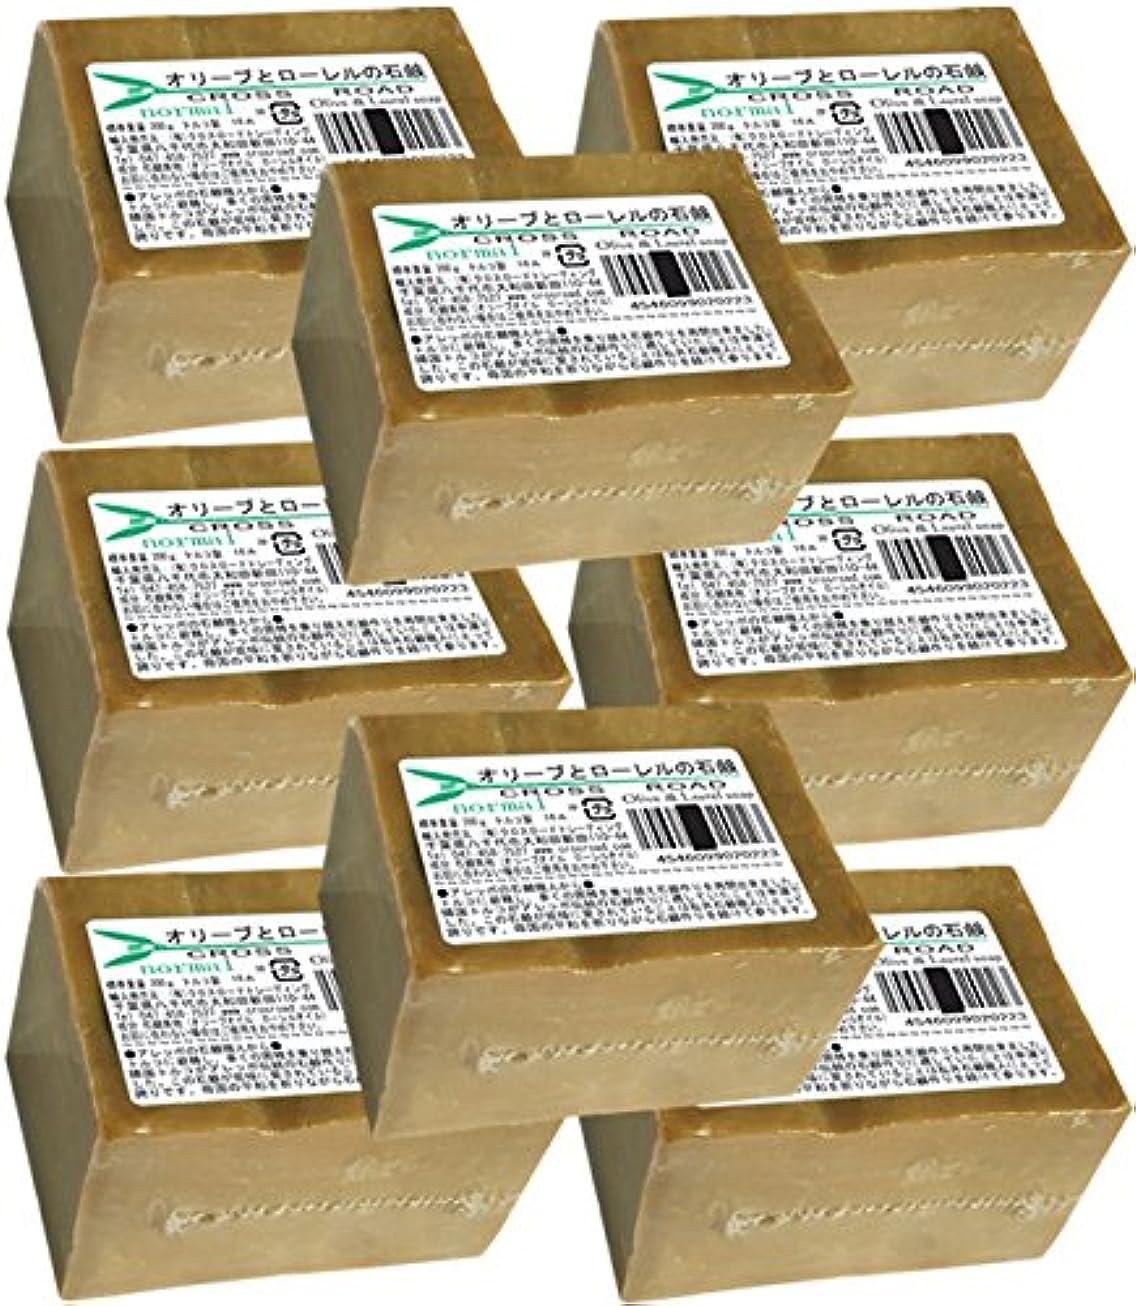 オリーブとローレルの石鹸(ノーマル)8個セット[並行輸入品]